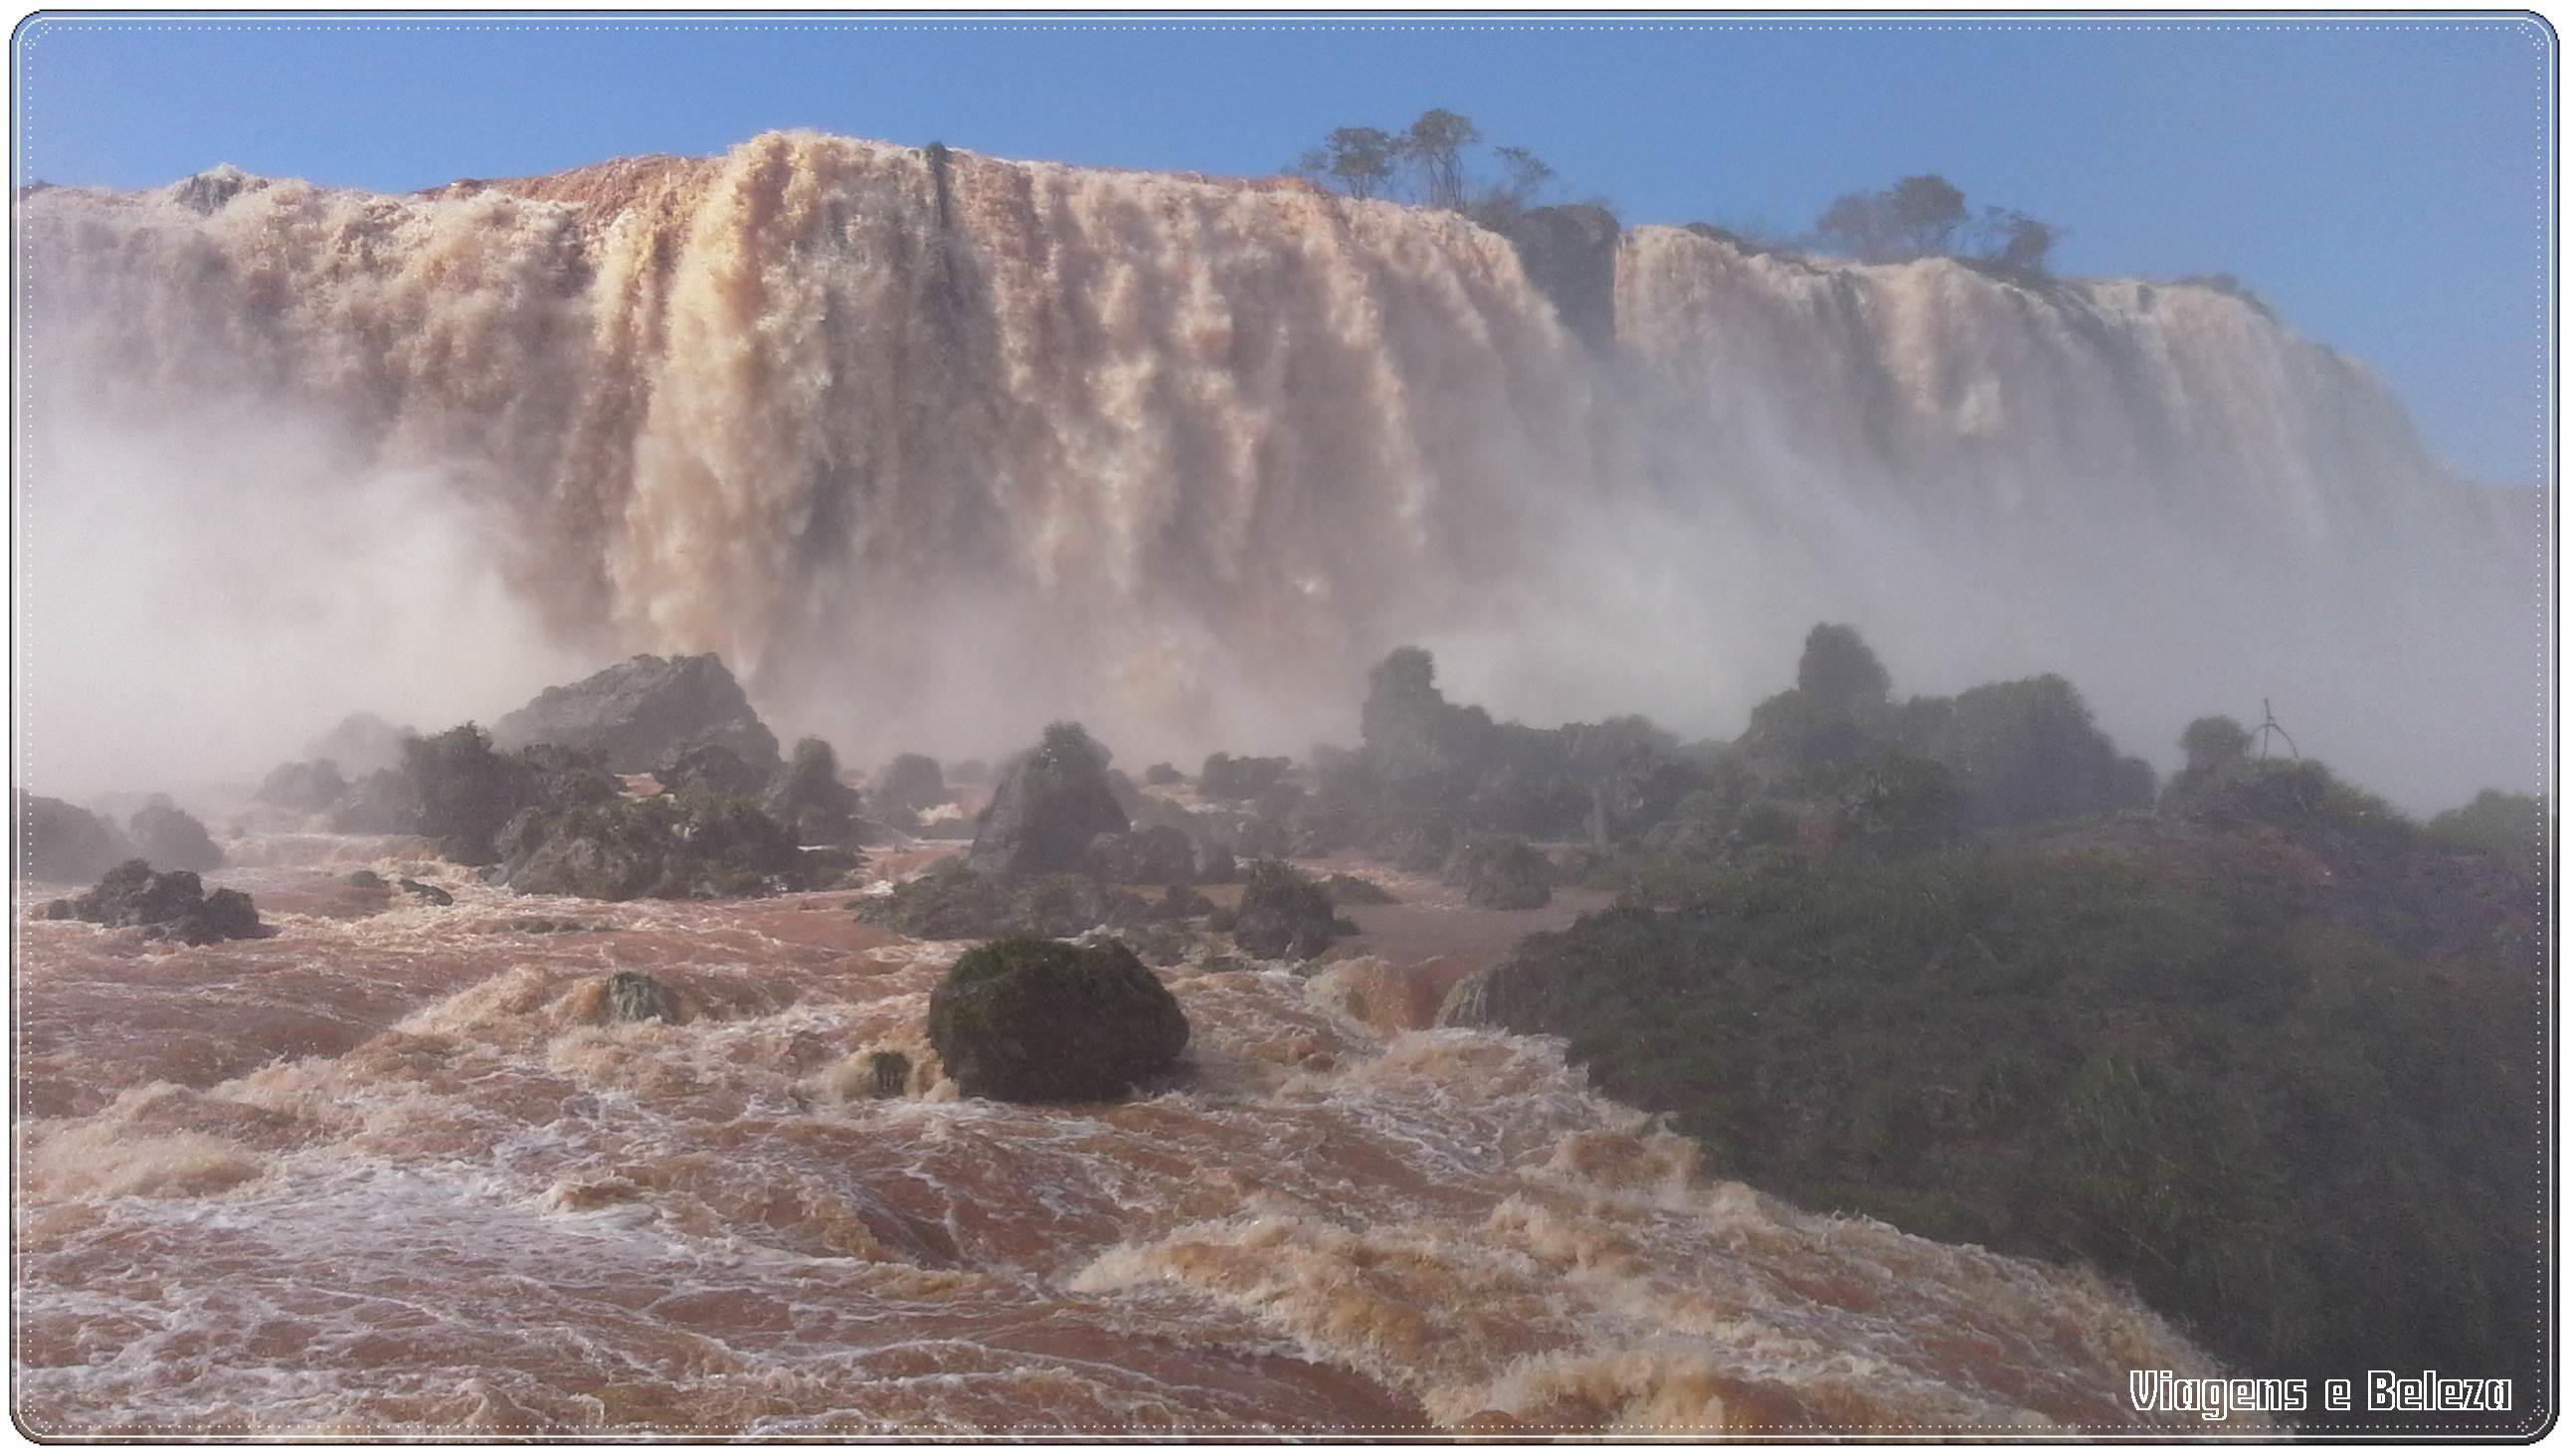 Garganta do Diabo - Cataratas do Iguaçu - Foz do Iguaçu/PR - Julho 2014